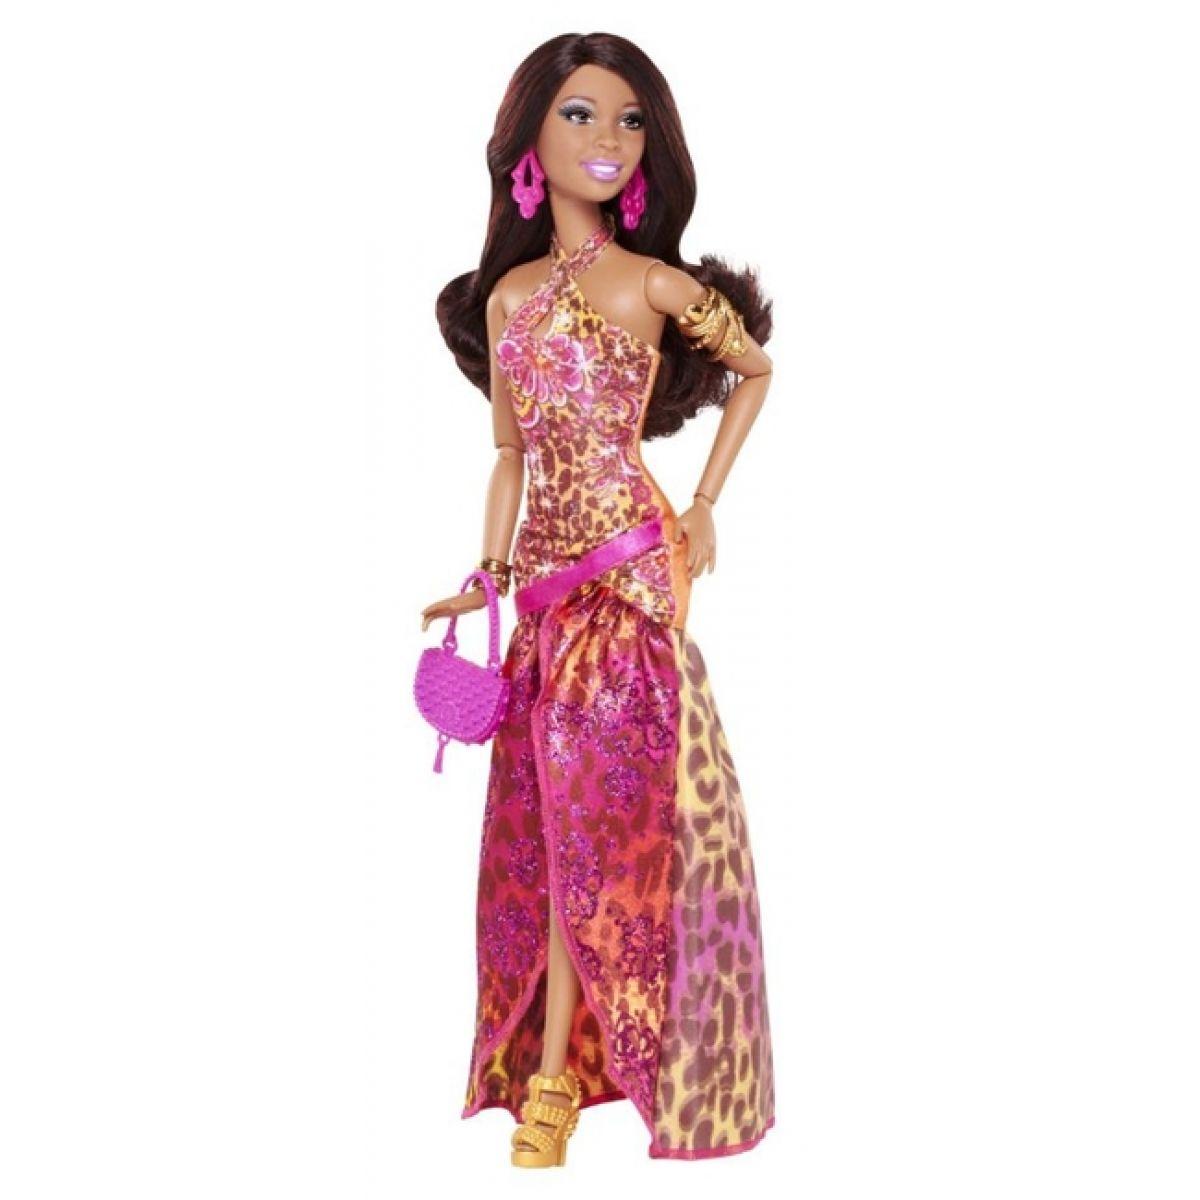 Barbie Fashionistas deluxe - Y7498